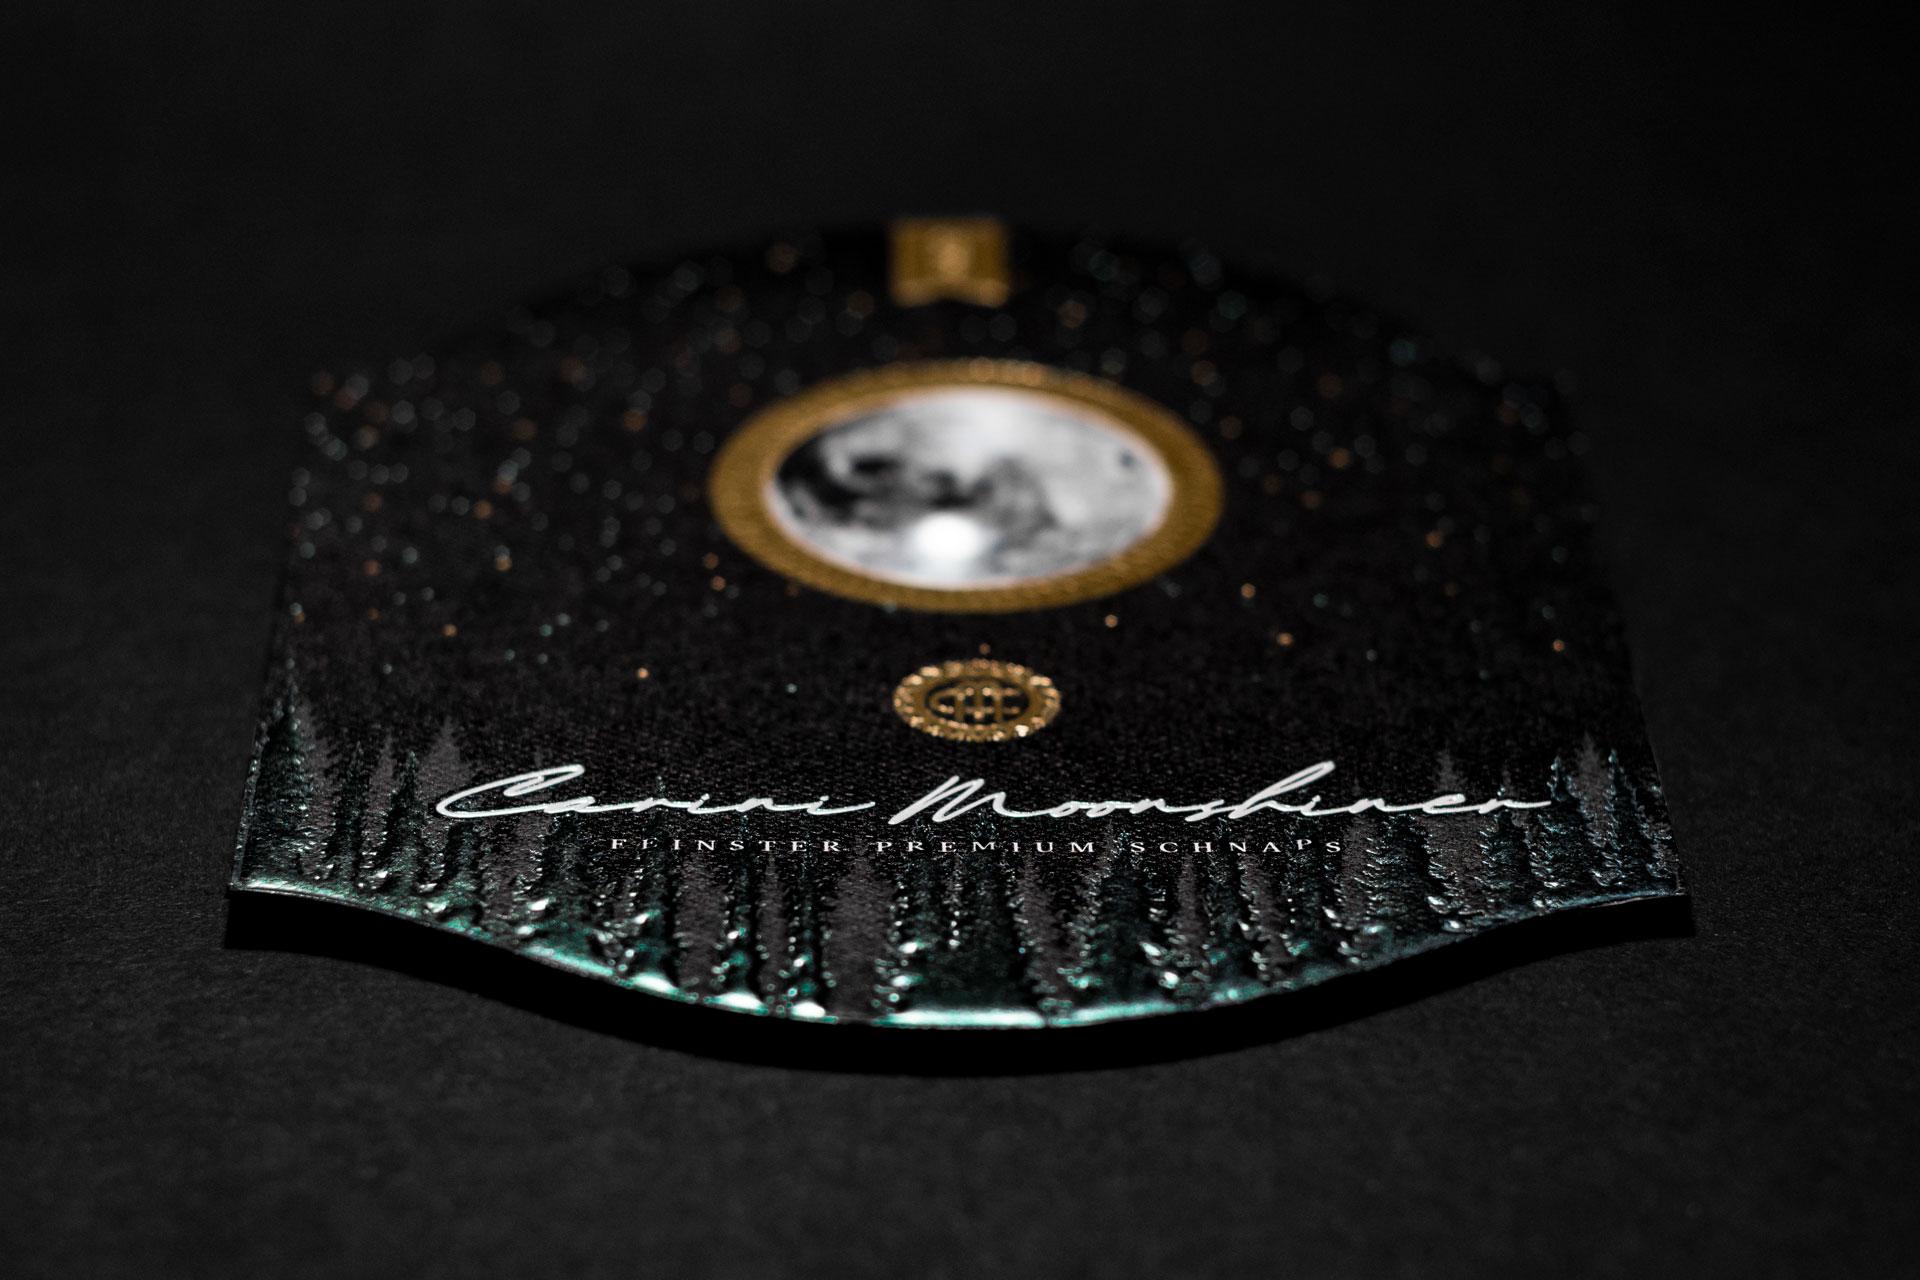 Carini Moonshiner, Etikettendesign, Detailansicht, Bernhard Hafele, Vincent Hehle, viergestalten